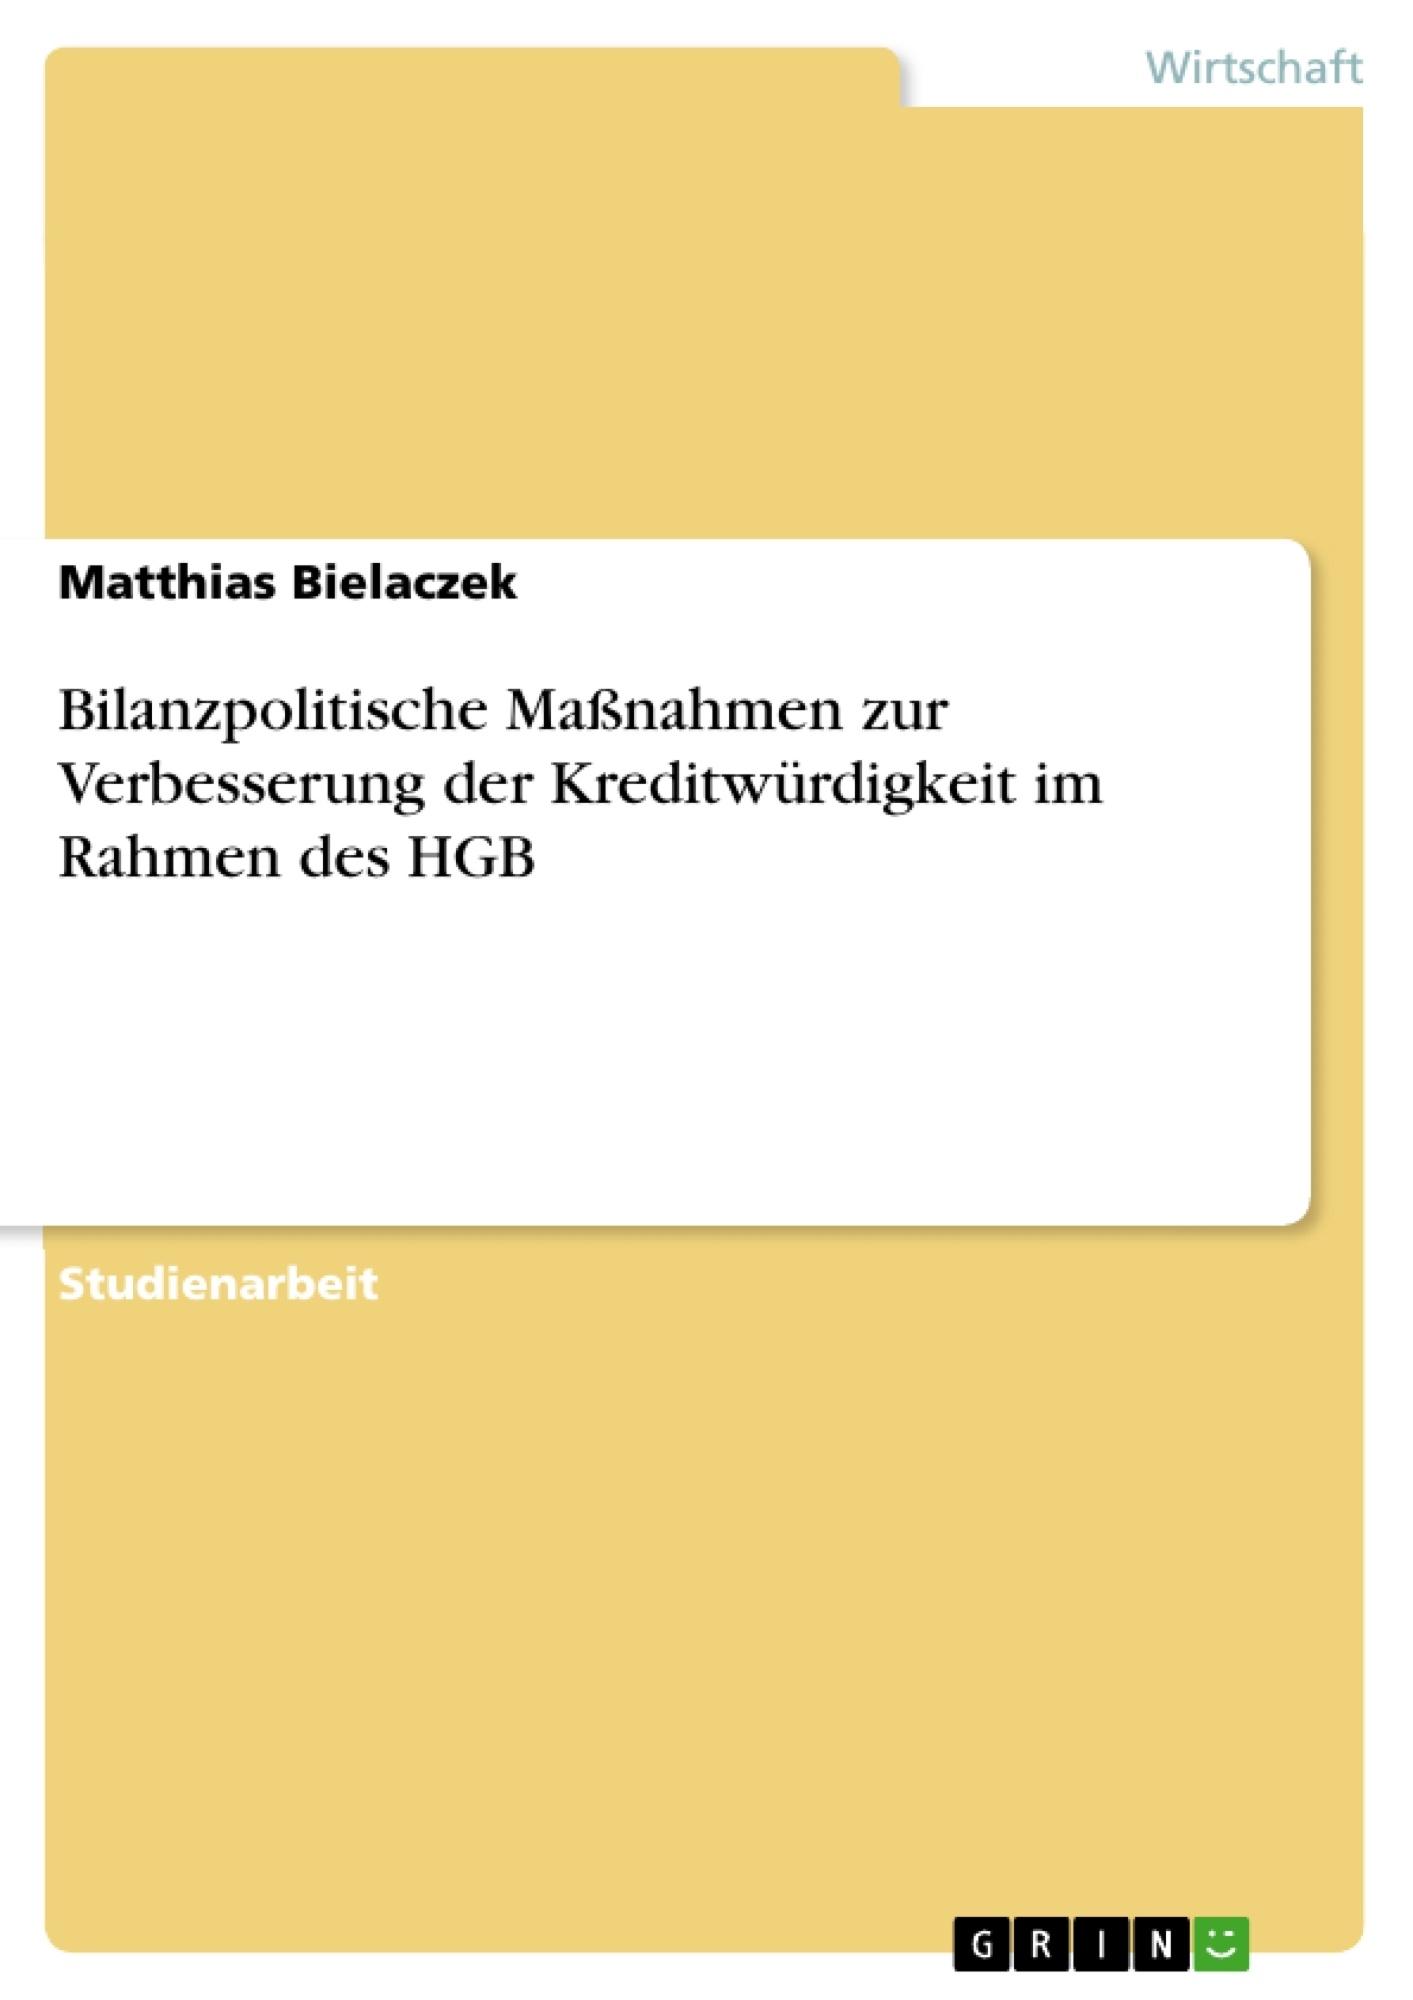 Titel: Bilanzpolitische Maßnahmen zur Verbesserung der Kreditwürdigkeit im Rahmen des HGB